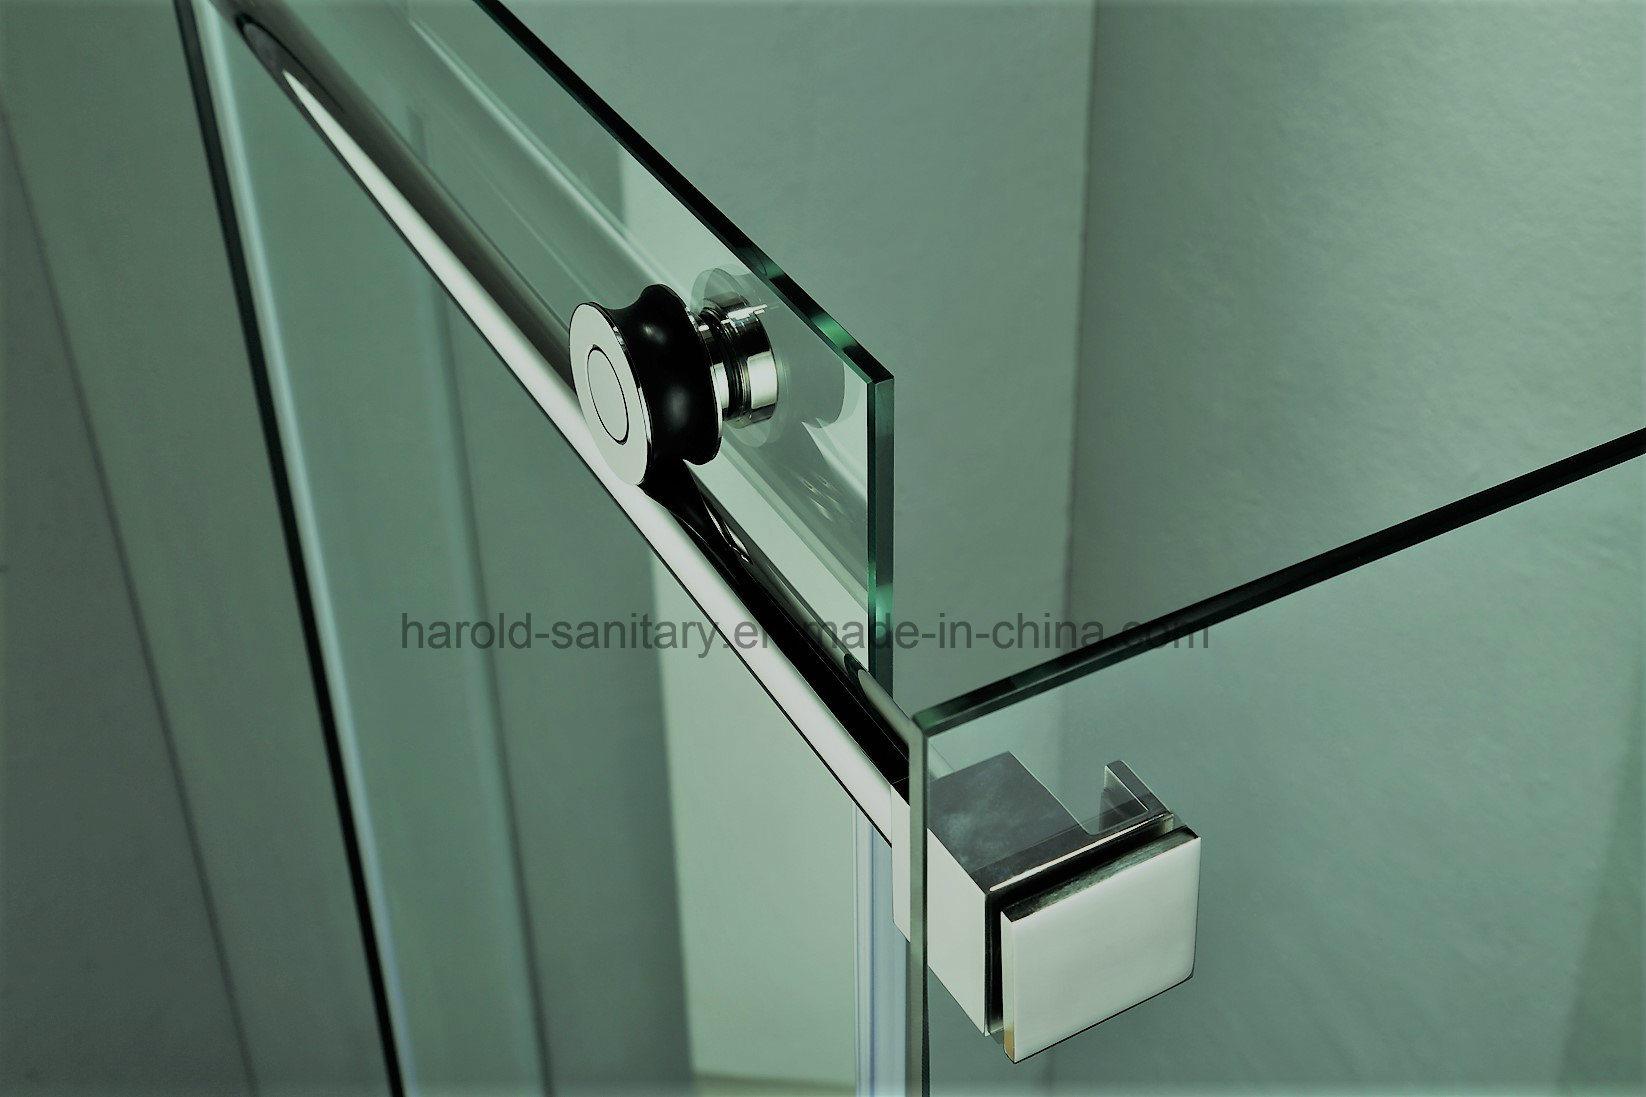 Na-02-D Single Roller Hunging Sliding Shower Door